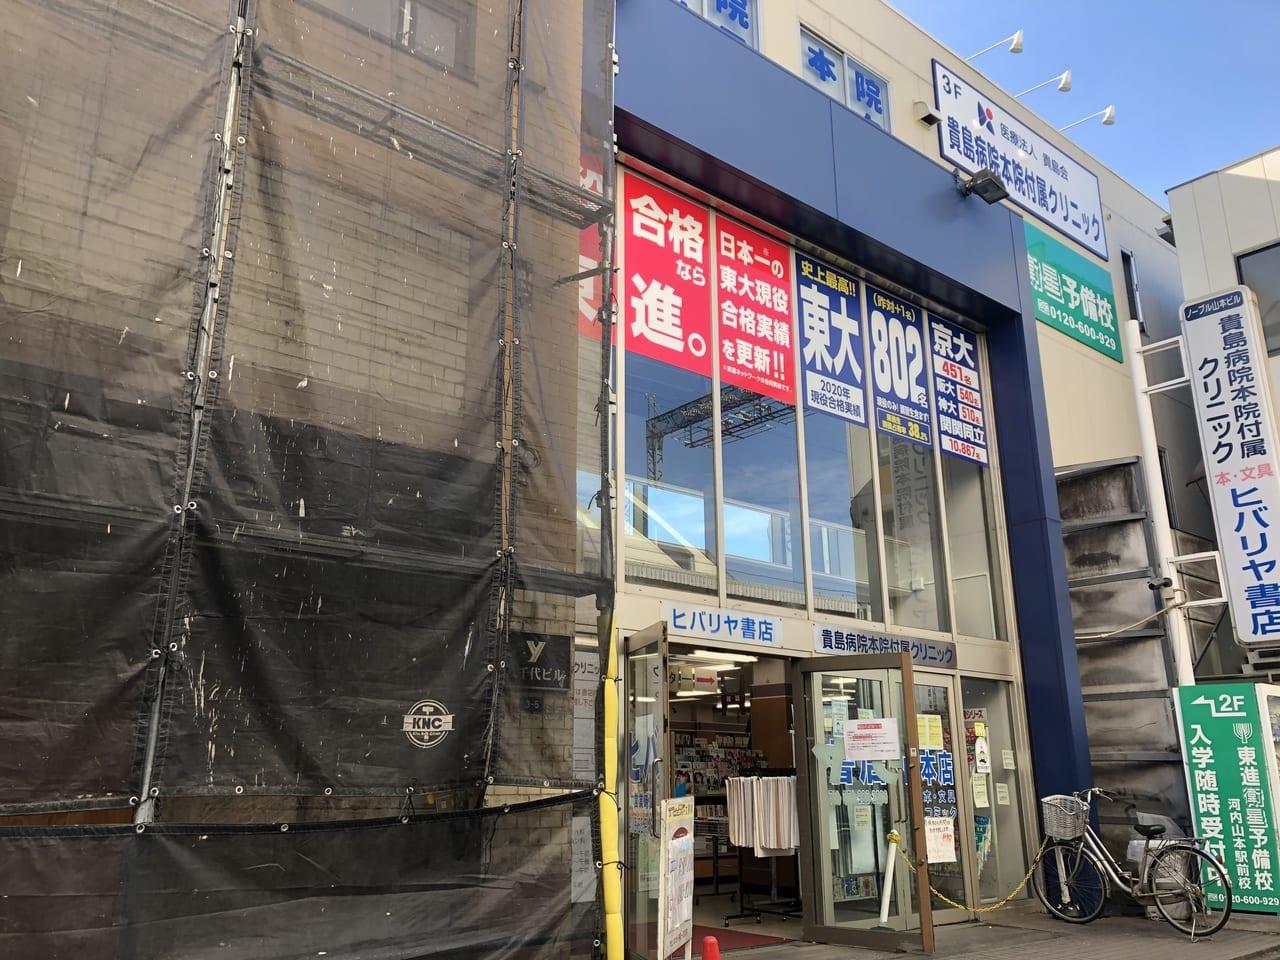 2020年1月に閉店するヒバリヤ書店